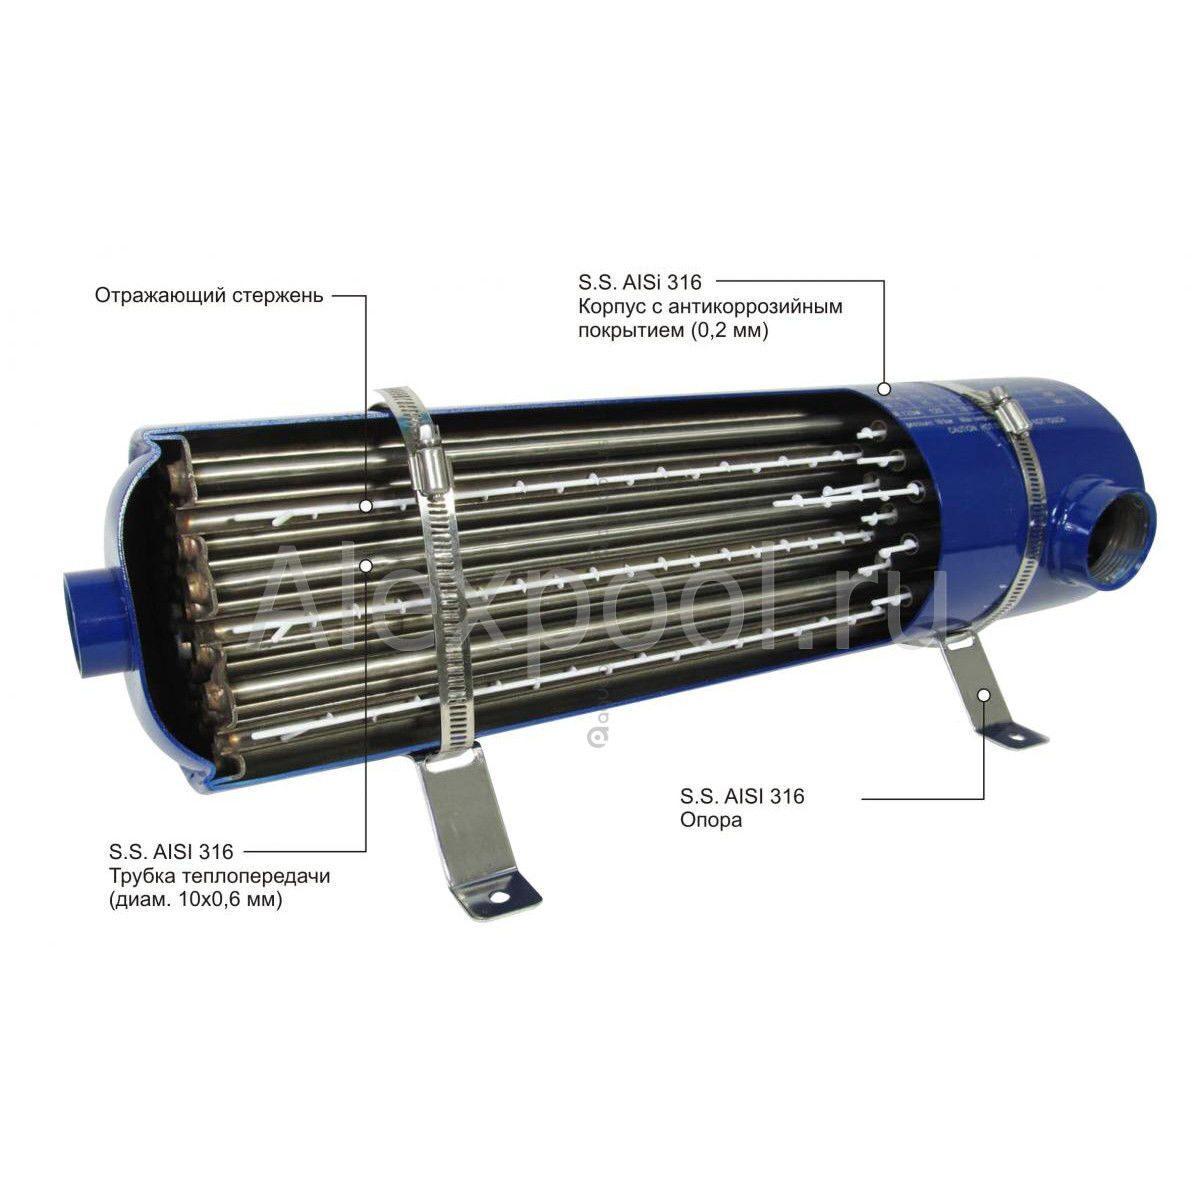 Теплообменник для бассейна водяные теплообменник изготовление маркировка